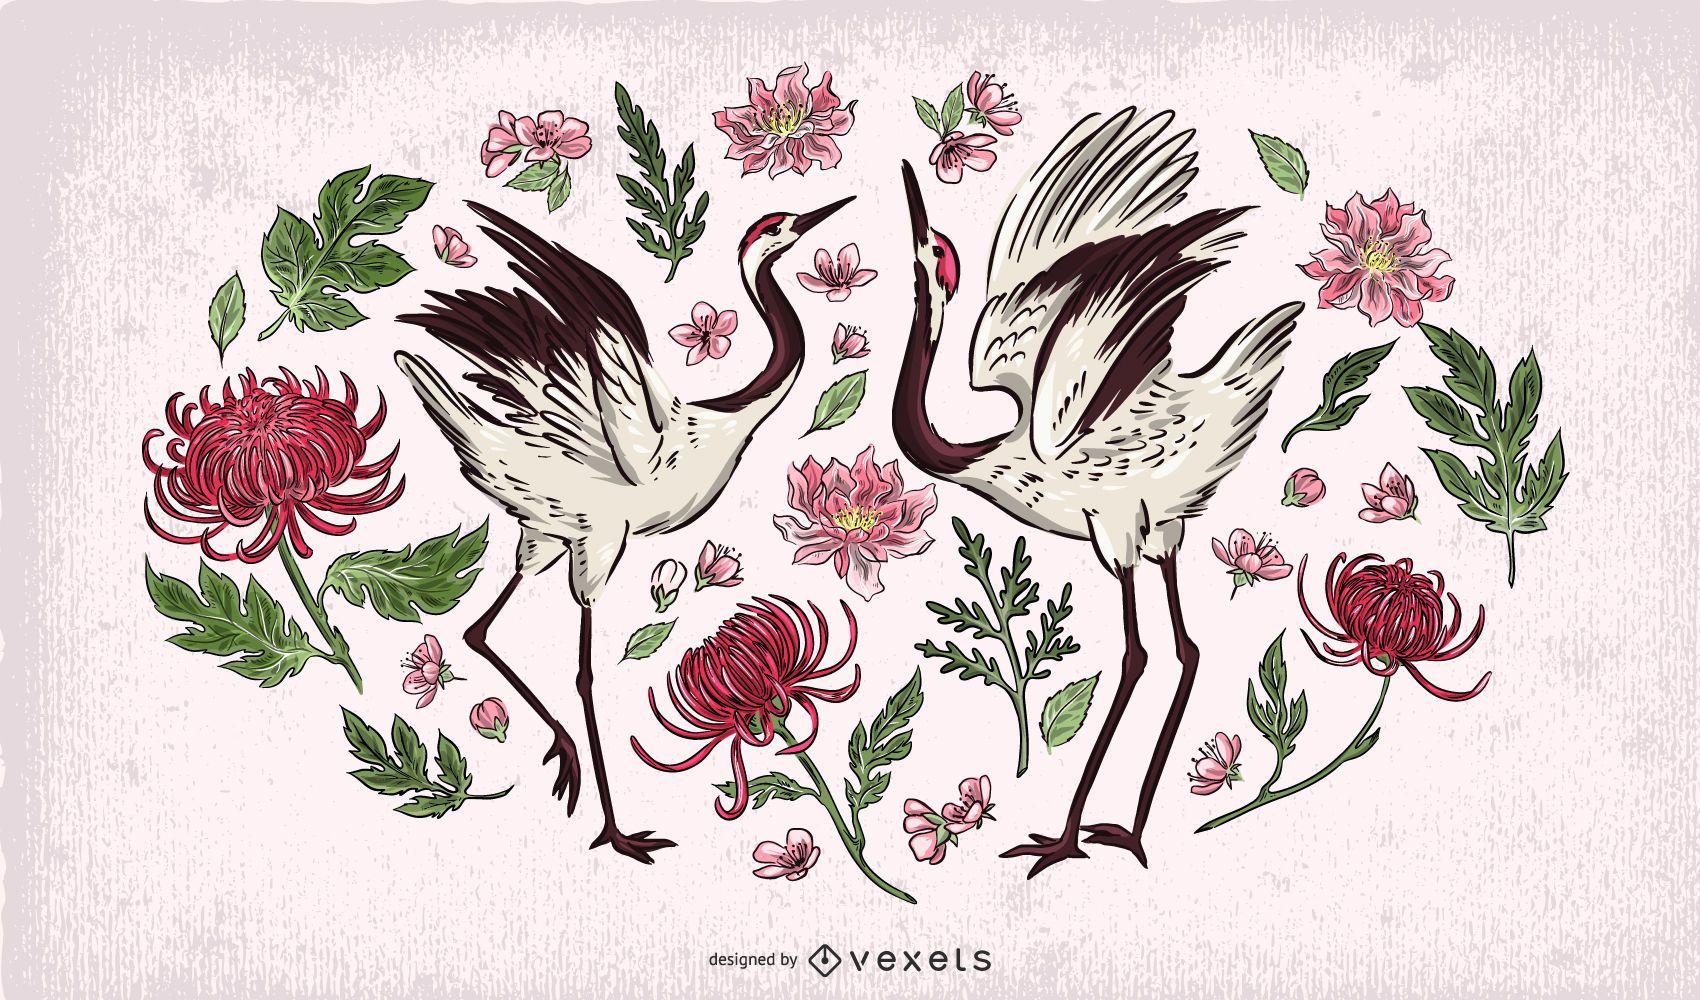 Crane birds floral illustration